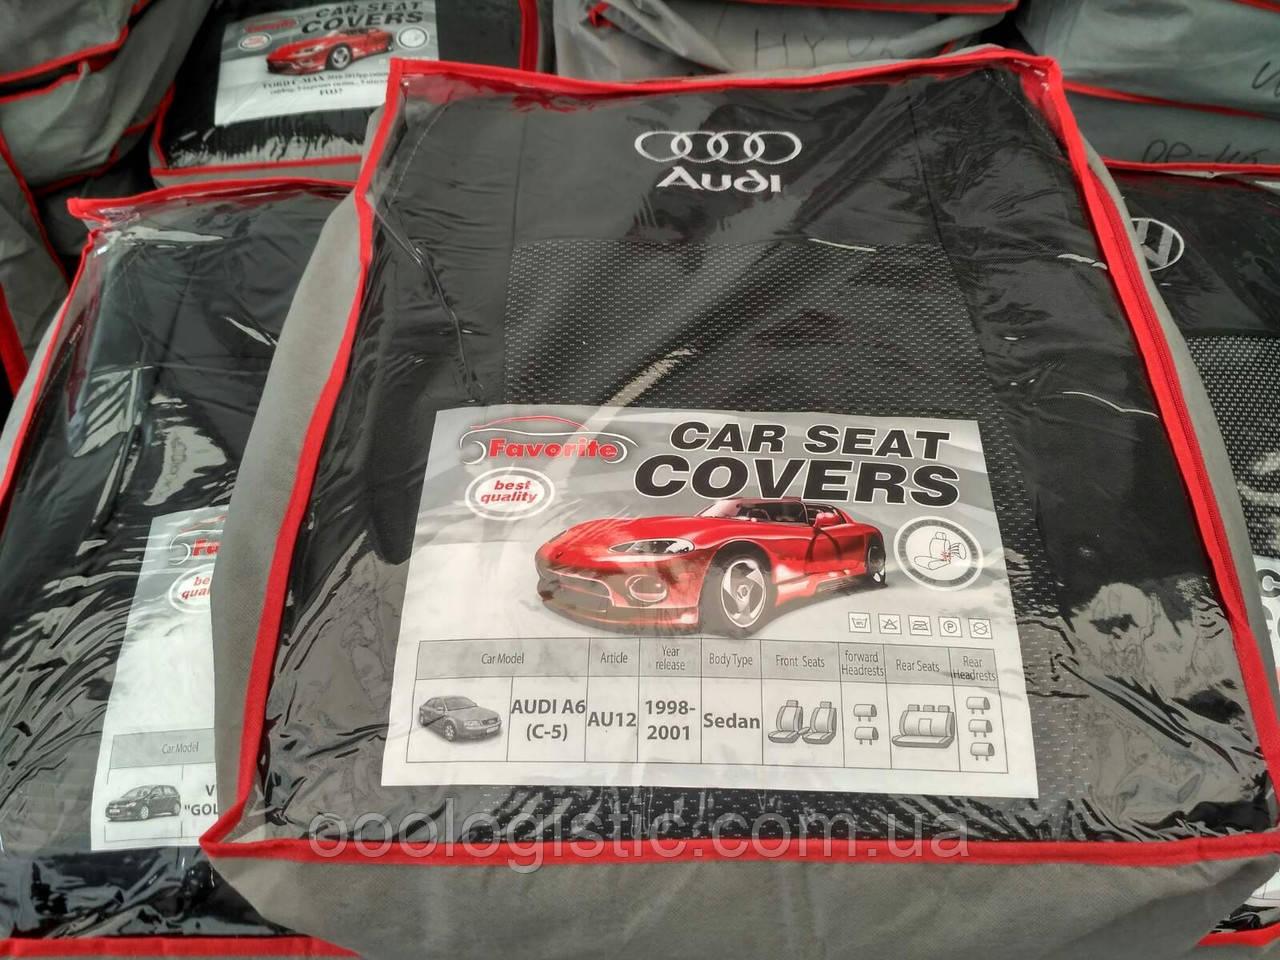 Авточехлы Favorite на Audi A6(С-5) 1998-2001 sedan,авточехлы Фаворит на Ауди А6(C-5) 1998-2001 года седан